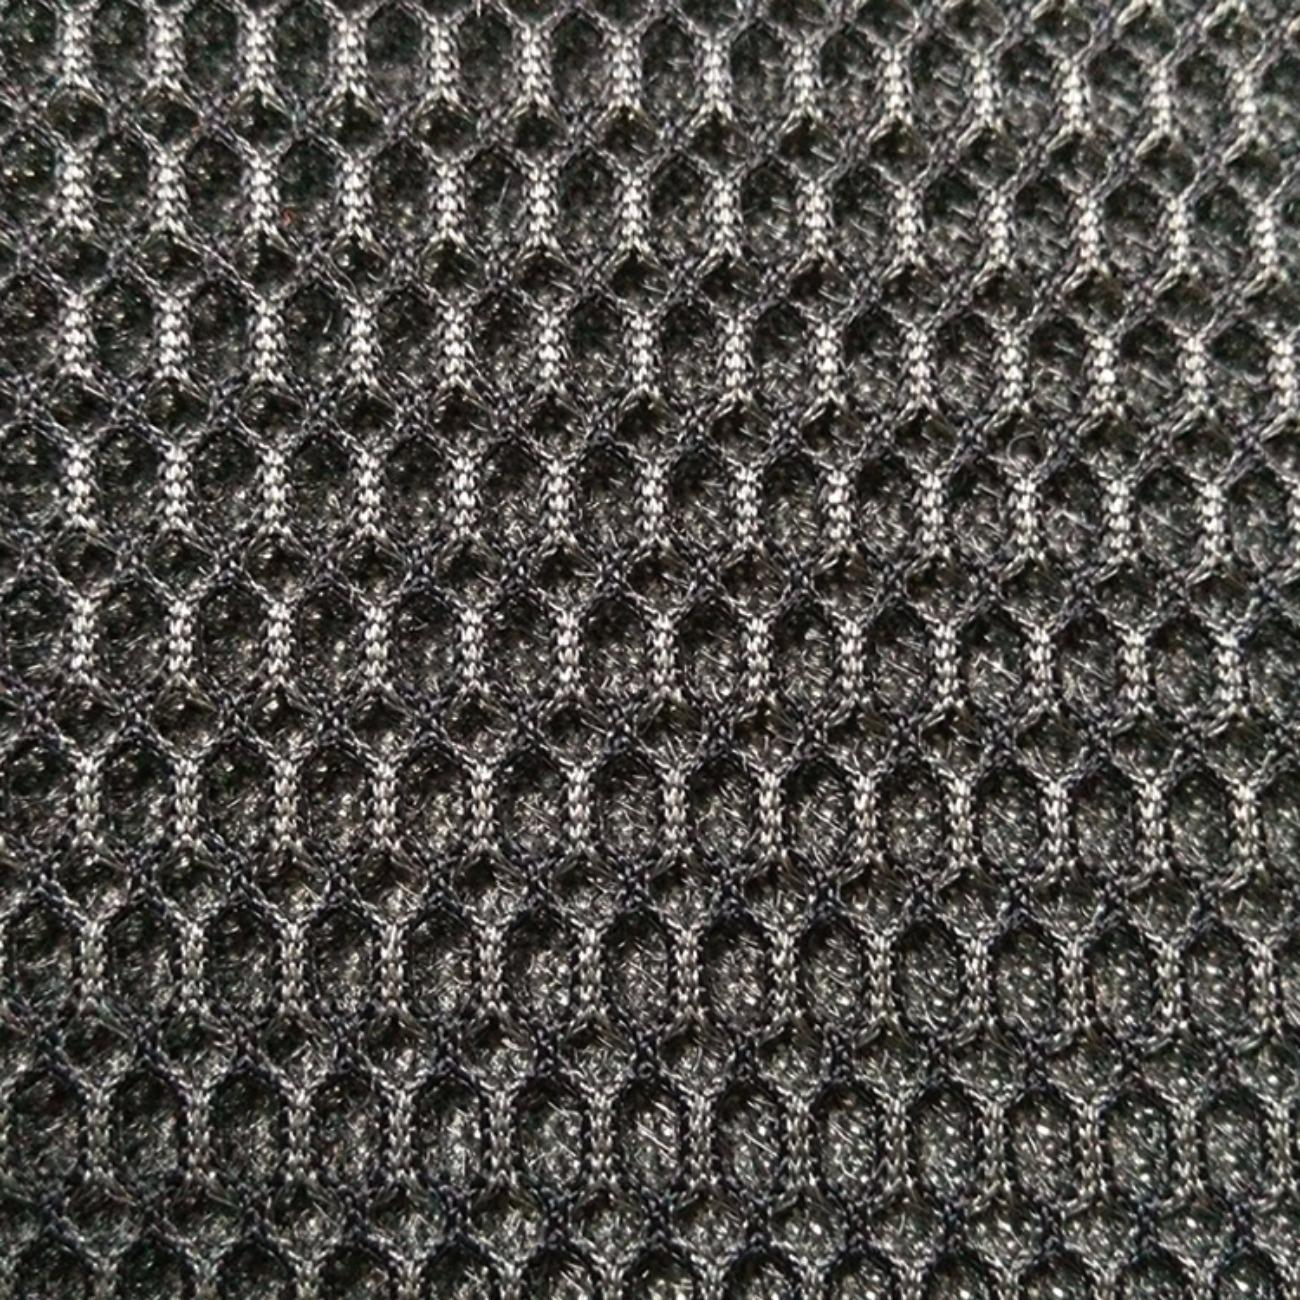 大六角形网格三明治网眼布料